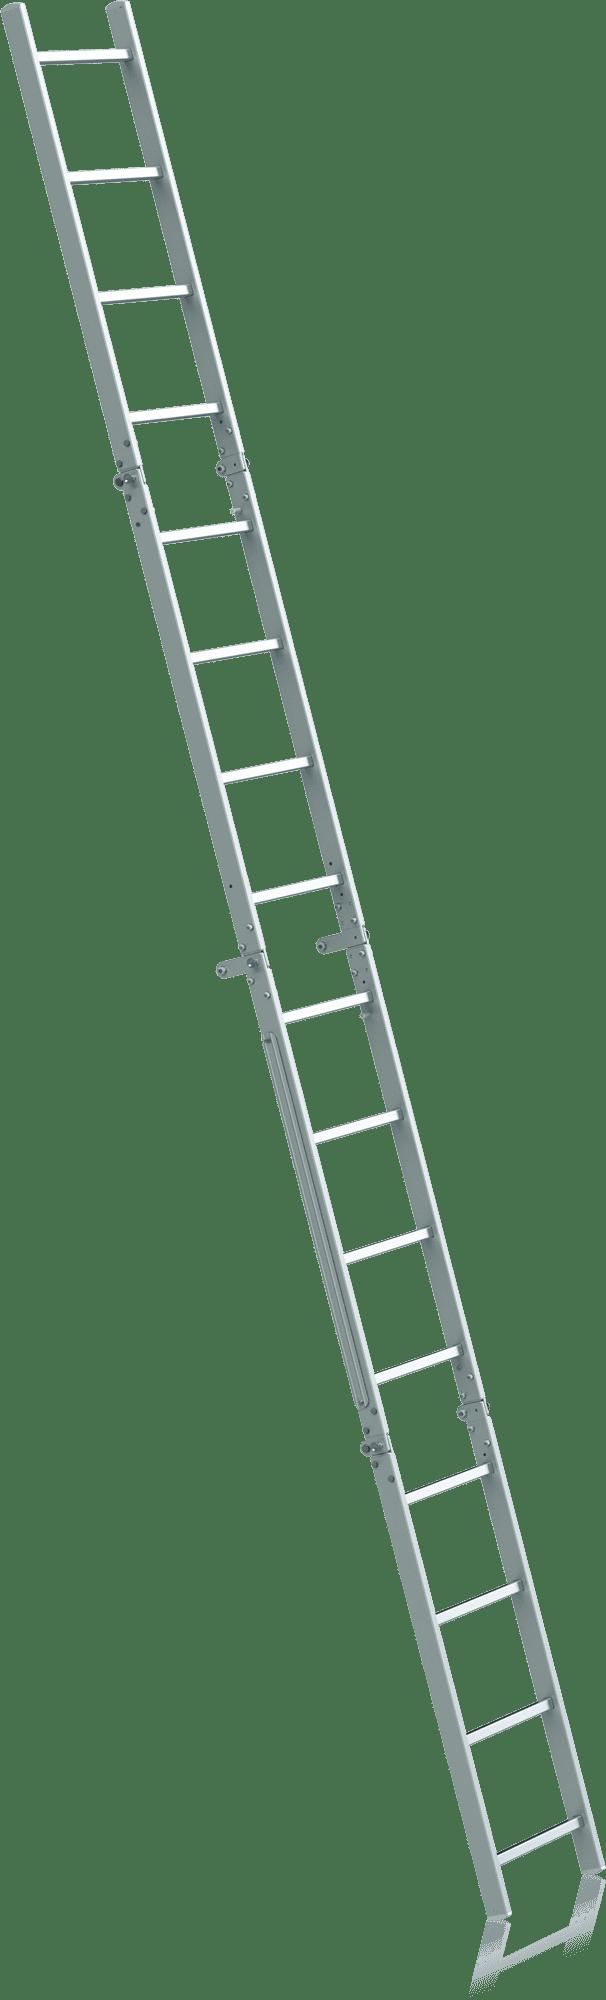 Skladací rebrík UK-ESFLW